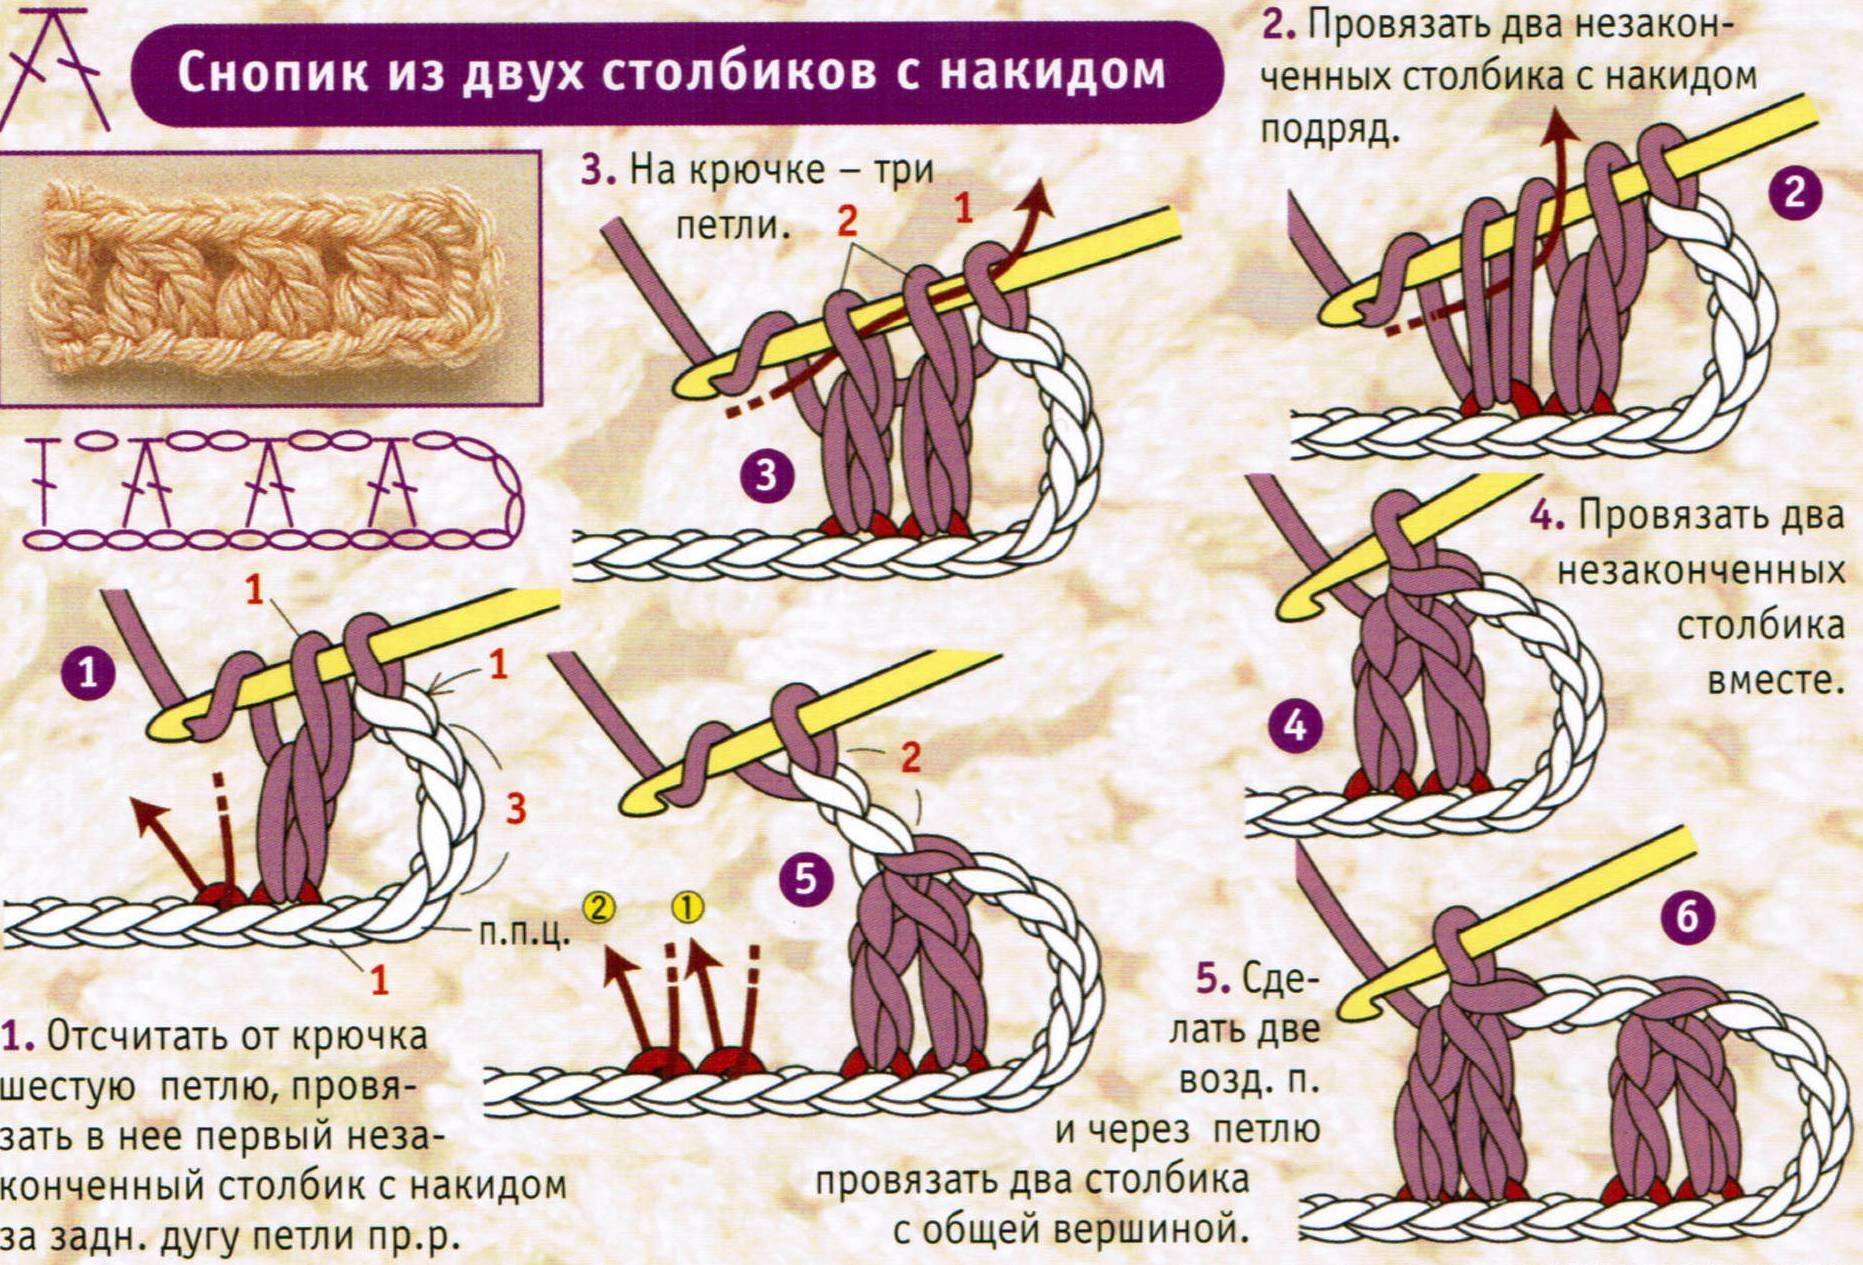 Cхемы вязания шарфа крючком для начинающих с описанием 33